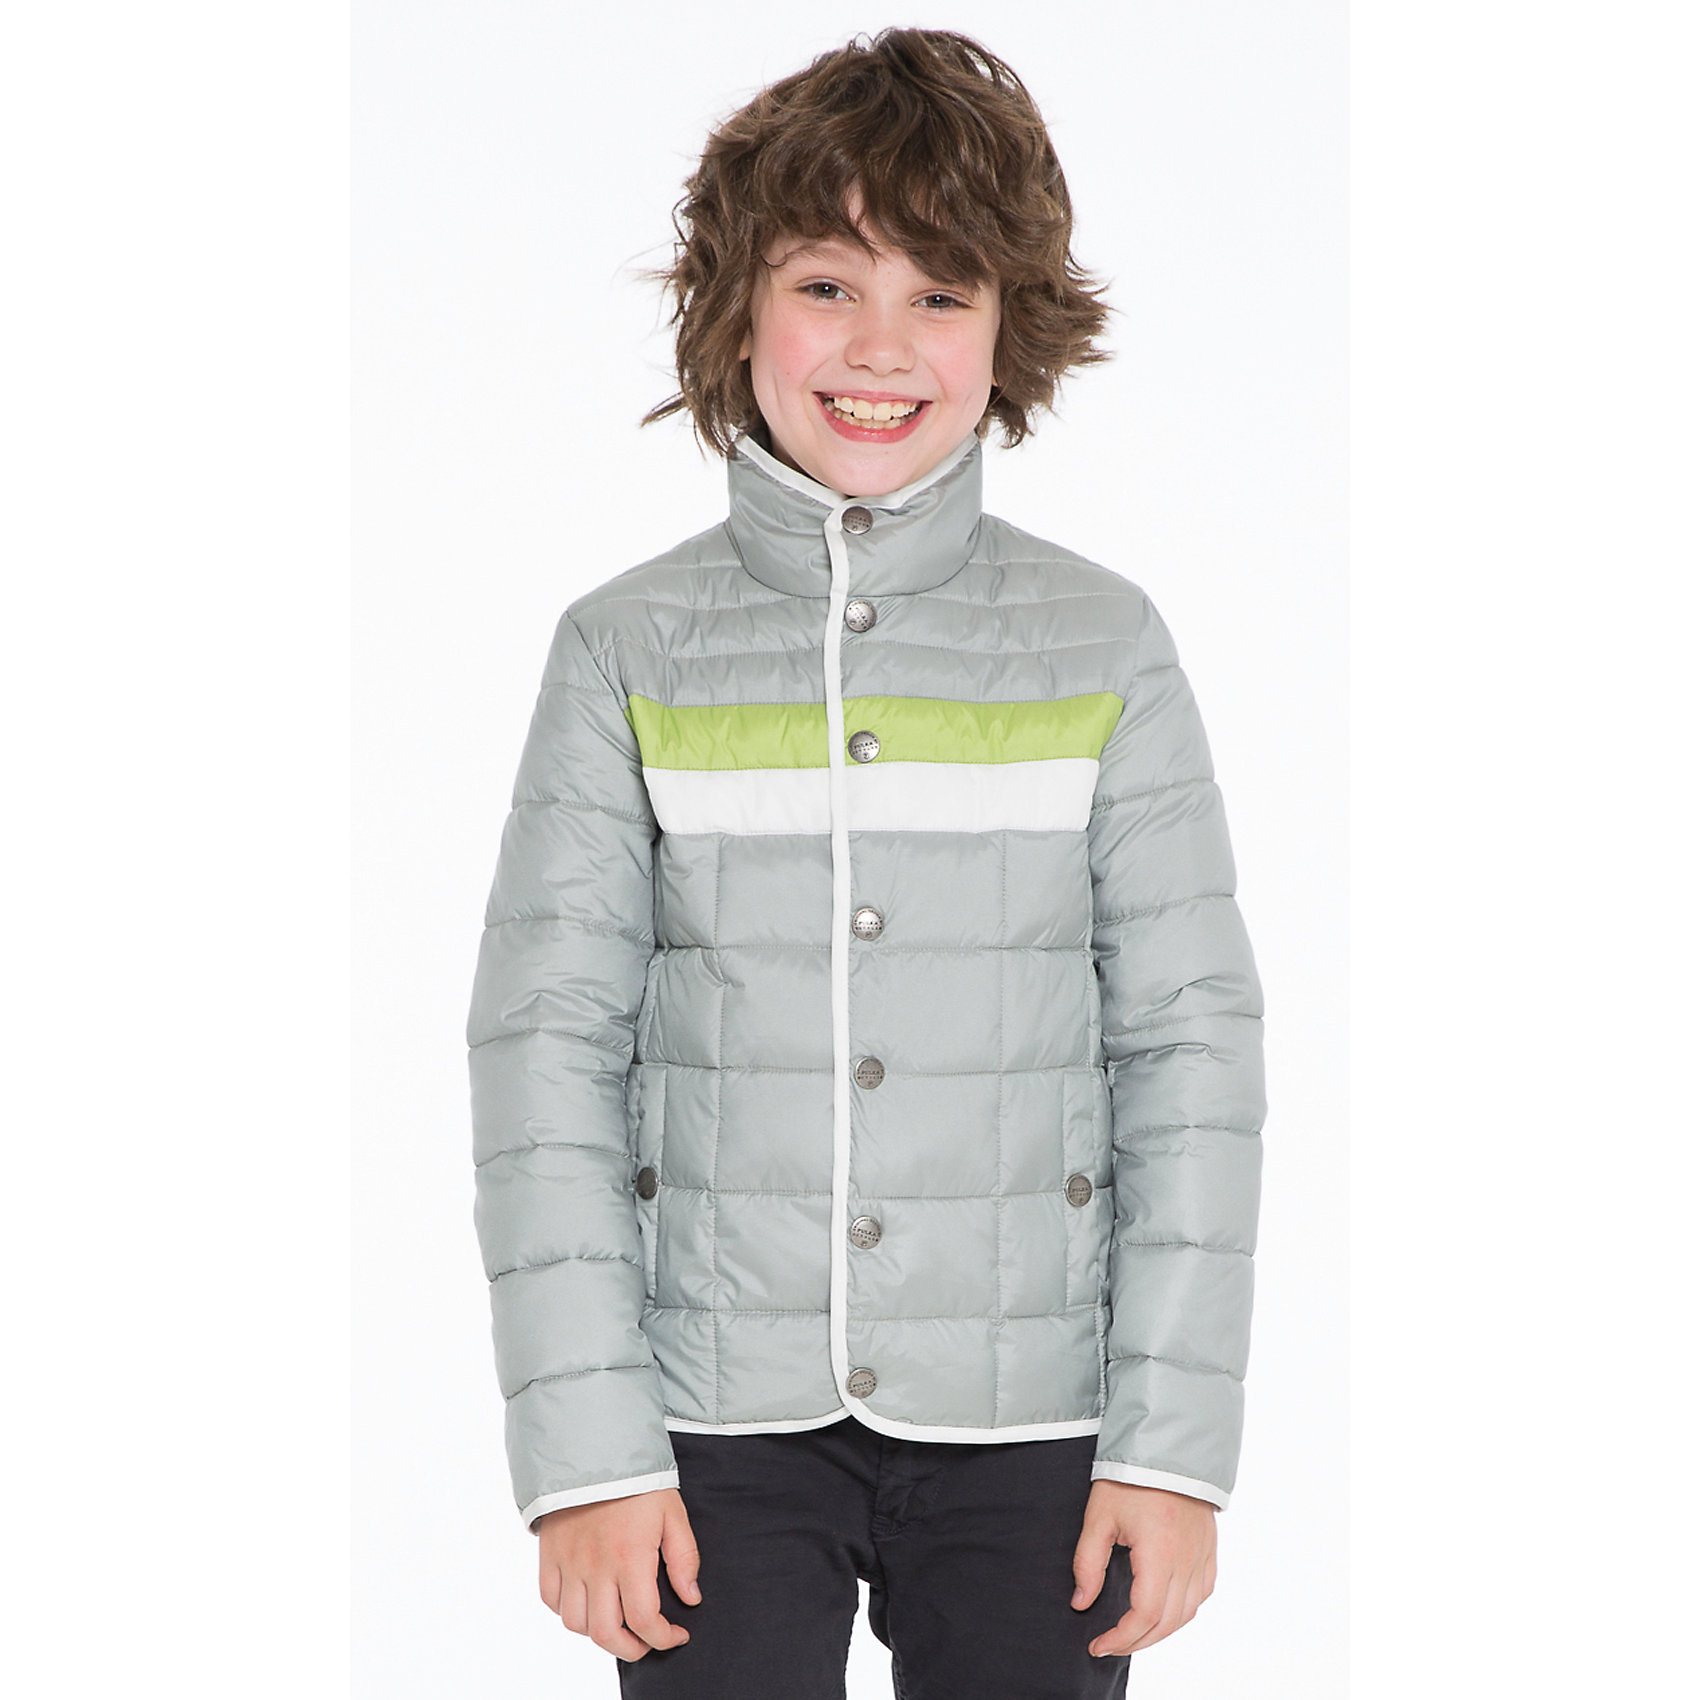 Куртка для мальчика PulkaВерхняя одежда<br>Куртка для мальчика Pulka (Пулка) отличается своей практичностью, ведь она создана дизайнерами, которые прекрасно понимают как потребности детей, так и родителей. Это прекрасная куртка для мальчика с длинным рукавом и воротником стойка, на кнопках, с двумя карманами по бокам. Верхний слой куртки создан на основе водо- и грязеотталкивающего покрытия, воротник и манжеты на рукавах защитит ребенка в непогоду.<br>Отличное сочетание цветов позволит вашему ребенку почувствовать себя самым модным.<br><br>Дополнительная информация:<br>-Сезон: осень-весна<br>-Материалы: 100 % полиэстер<br><br>Куртка для мальчика Pulka (Пулка) – это выбор тех, кто ценит не только тепло и комфорт, но долговечность и высокое качество одежды!<br><br>Куртку для мальчика Pulka (Пулка) можно купить в нашем магазине.<br><br>Ширина мм: 356<br>Глубина мм: 10<br>Высота мм: 245<br>Вес г: 519<br>Цвет: серый<br>Возраст от месяцев: 120<br>Возраст до месяцев: 132<br>Пол: Мужской<br>Возраст: Детский<br>Размер: 146,128,152,140,158,164,134<br>SKU: 4125693